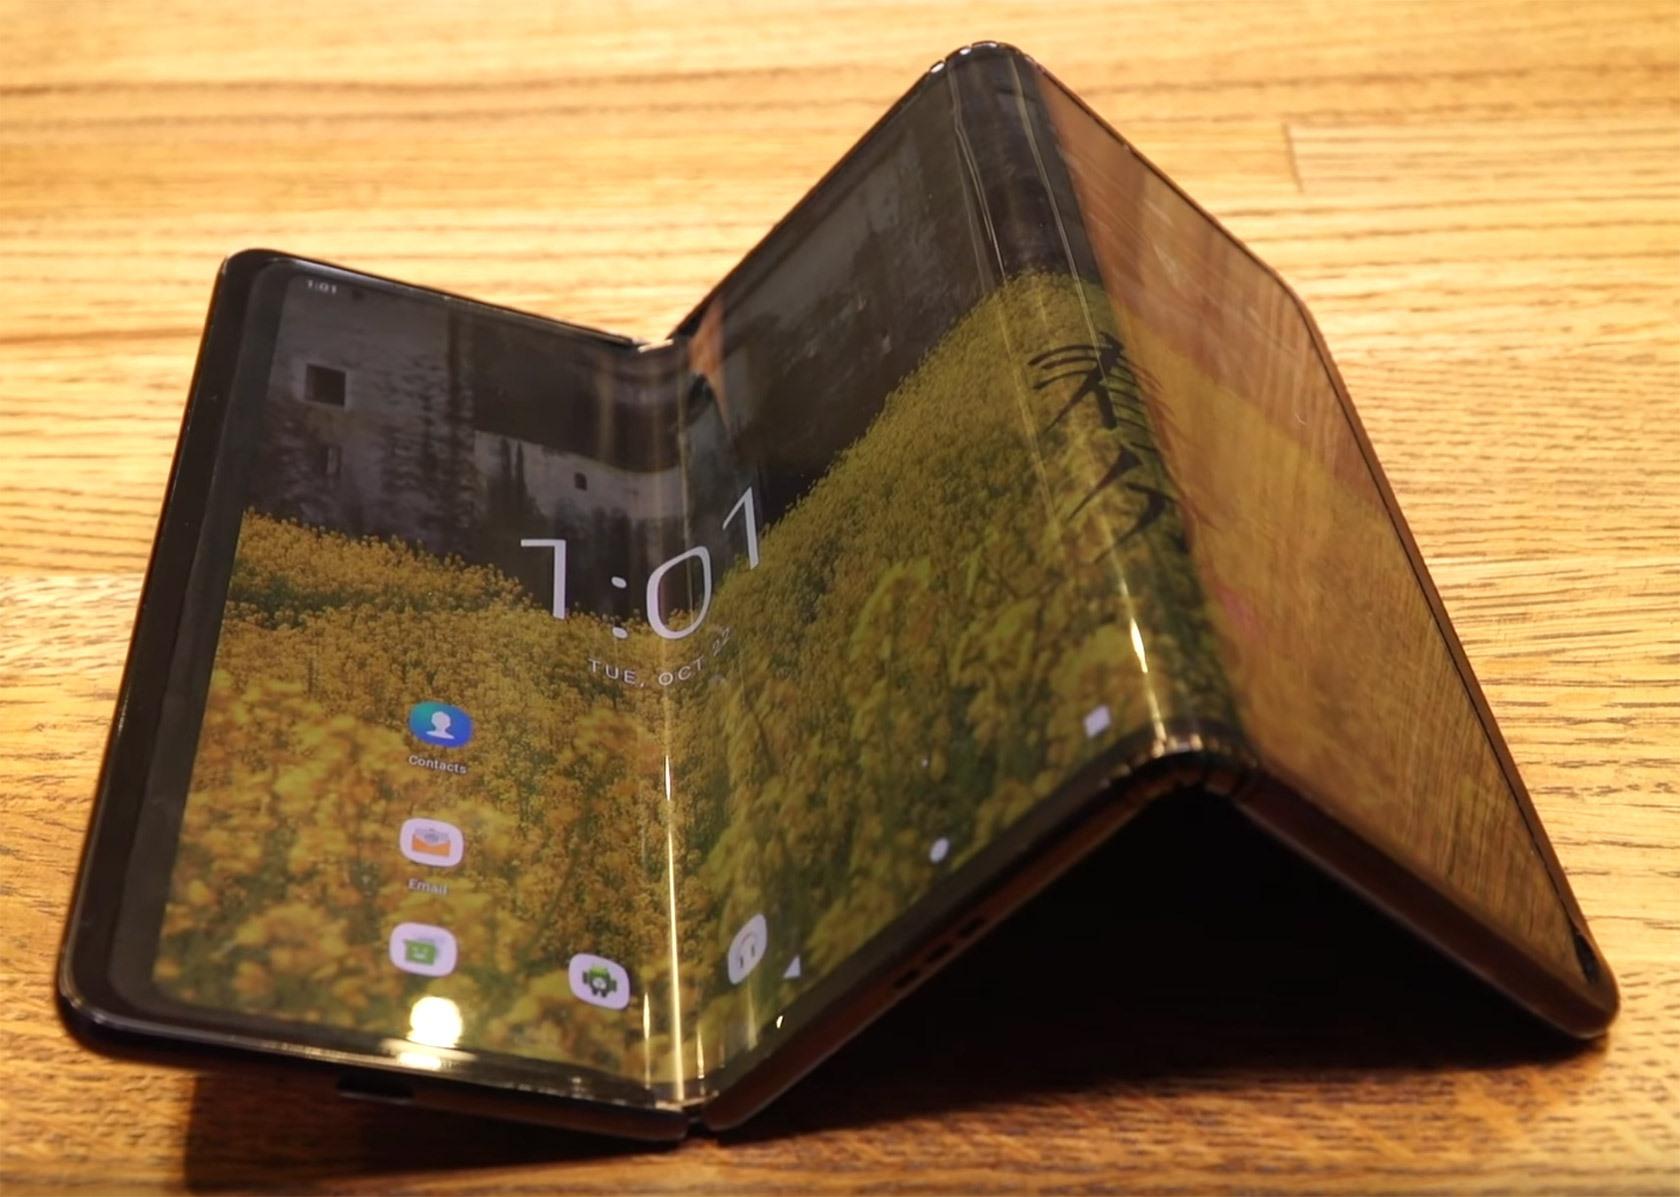 Hãng TCL giới thiệu sản phẩm điện thoại có thể cuộn lại được tại CES 2021 diễn ra từ ngày 11-14.1.2021. Điện thoại 6,7 inch (khoảng 15cm) nhưng khi mở rộng ra có thể thành như một máy tính bảng 7,8 inch. Ảnh: Techeblog